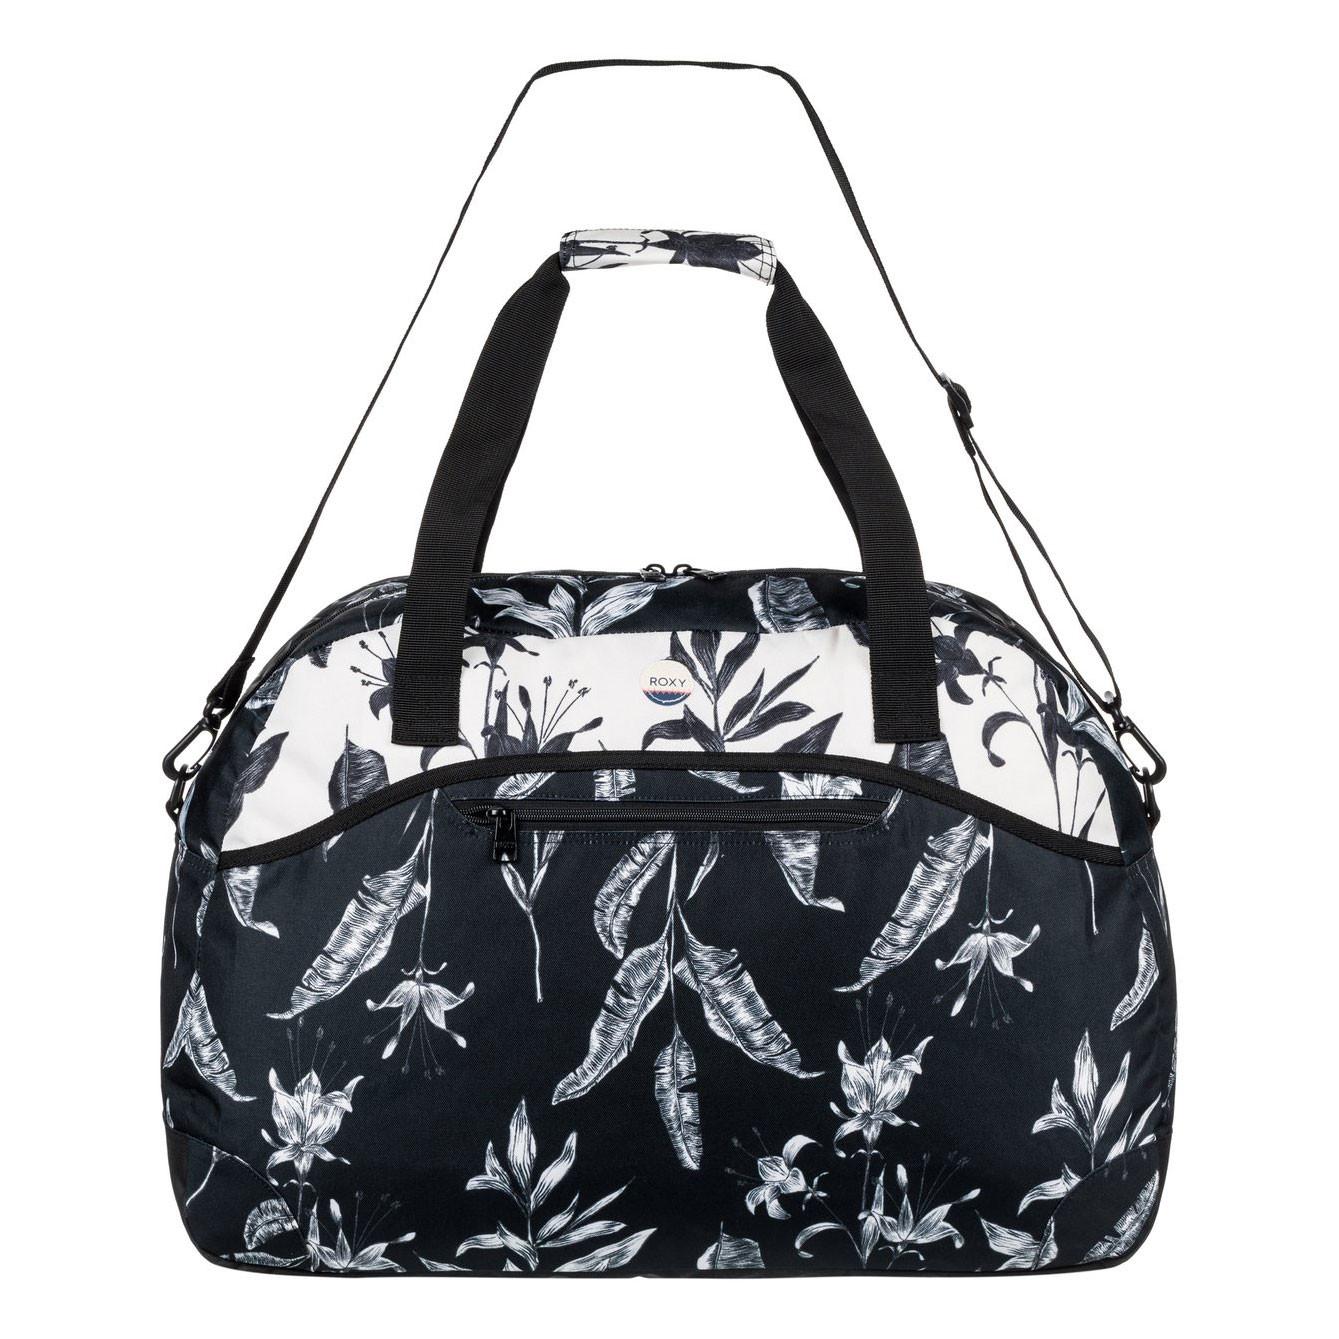 Cestovní taška Roxy Too Far anthracite love letter